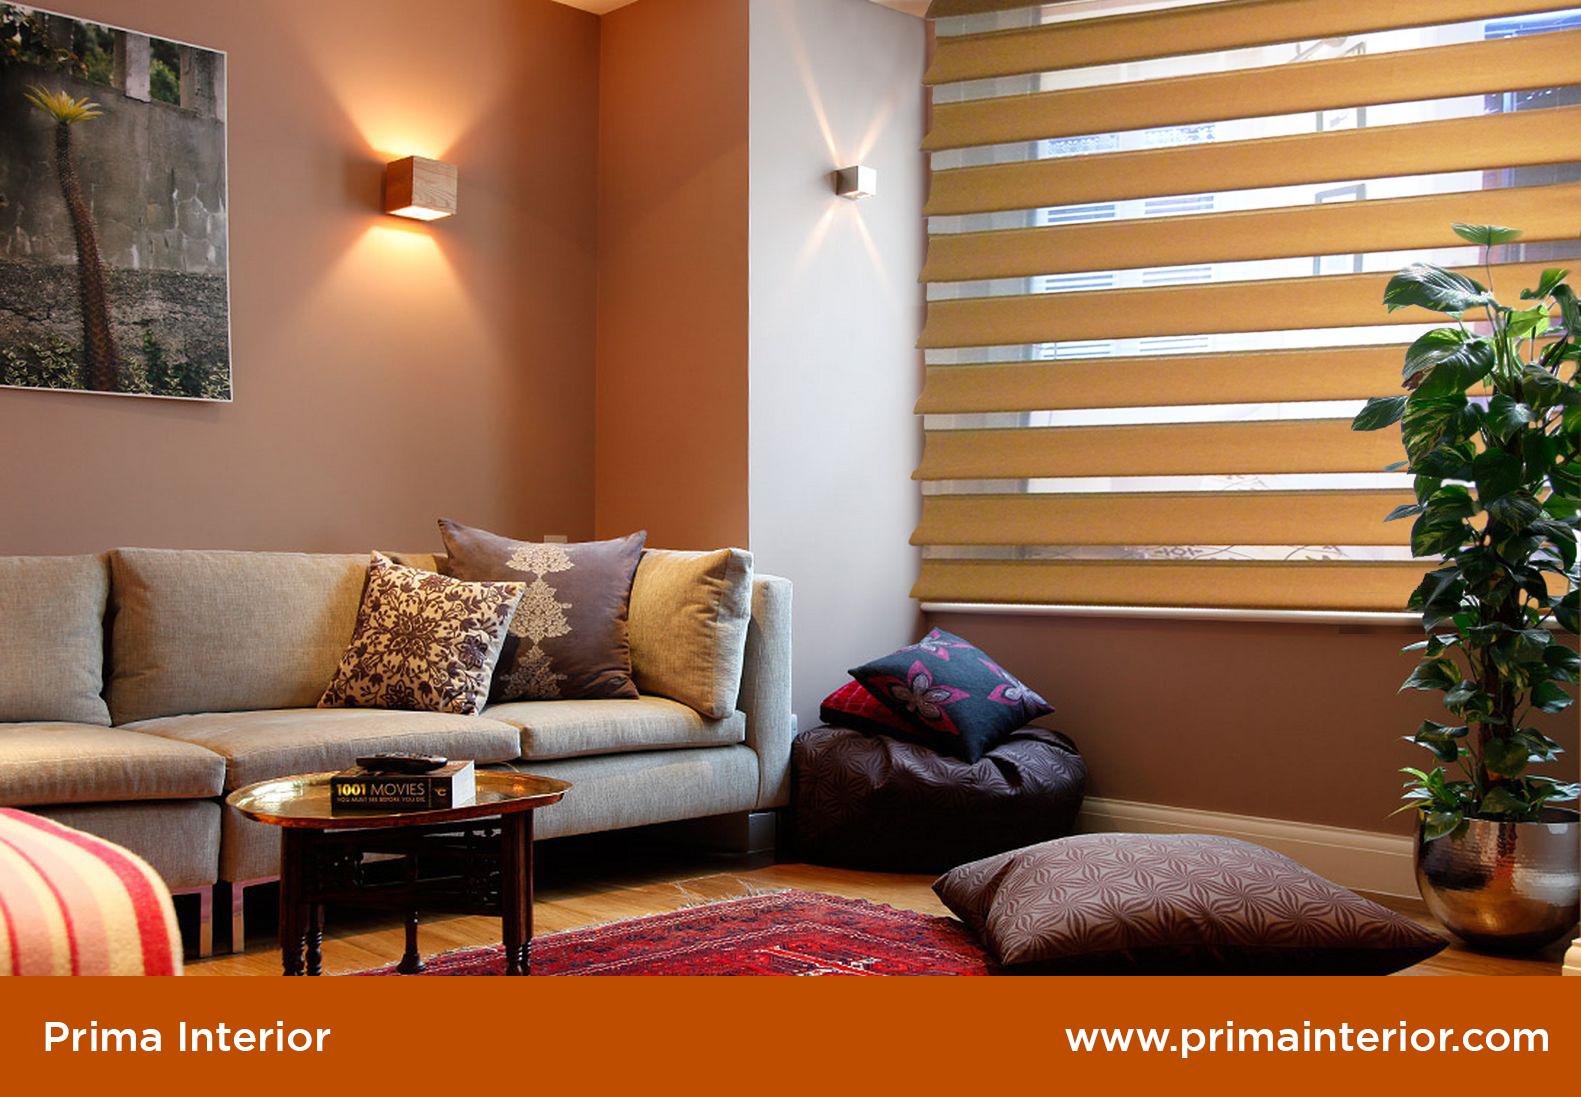 Vitrom Blind Menciptakan Ruangan Indah dengan Kesan Sederhana